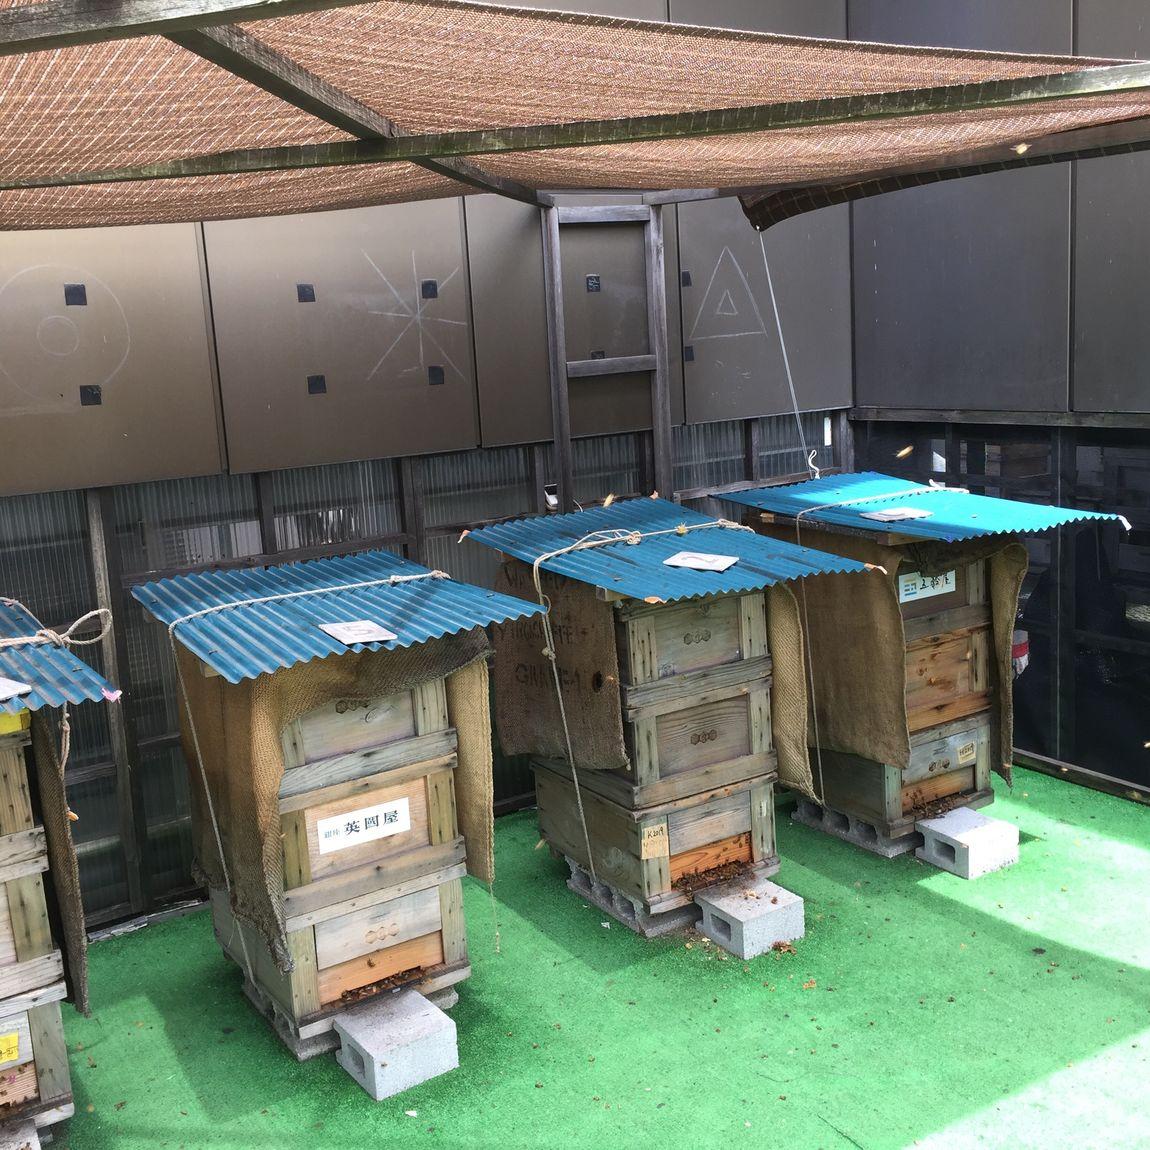 【銀座】銀座(ひと)めぐり|銀座ミツバチプロジェクト